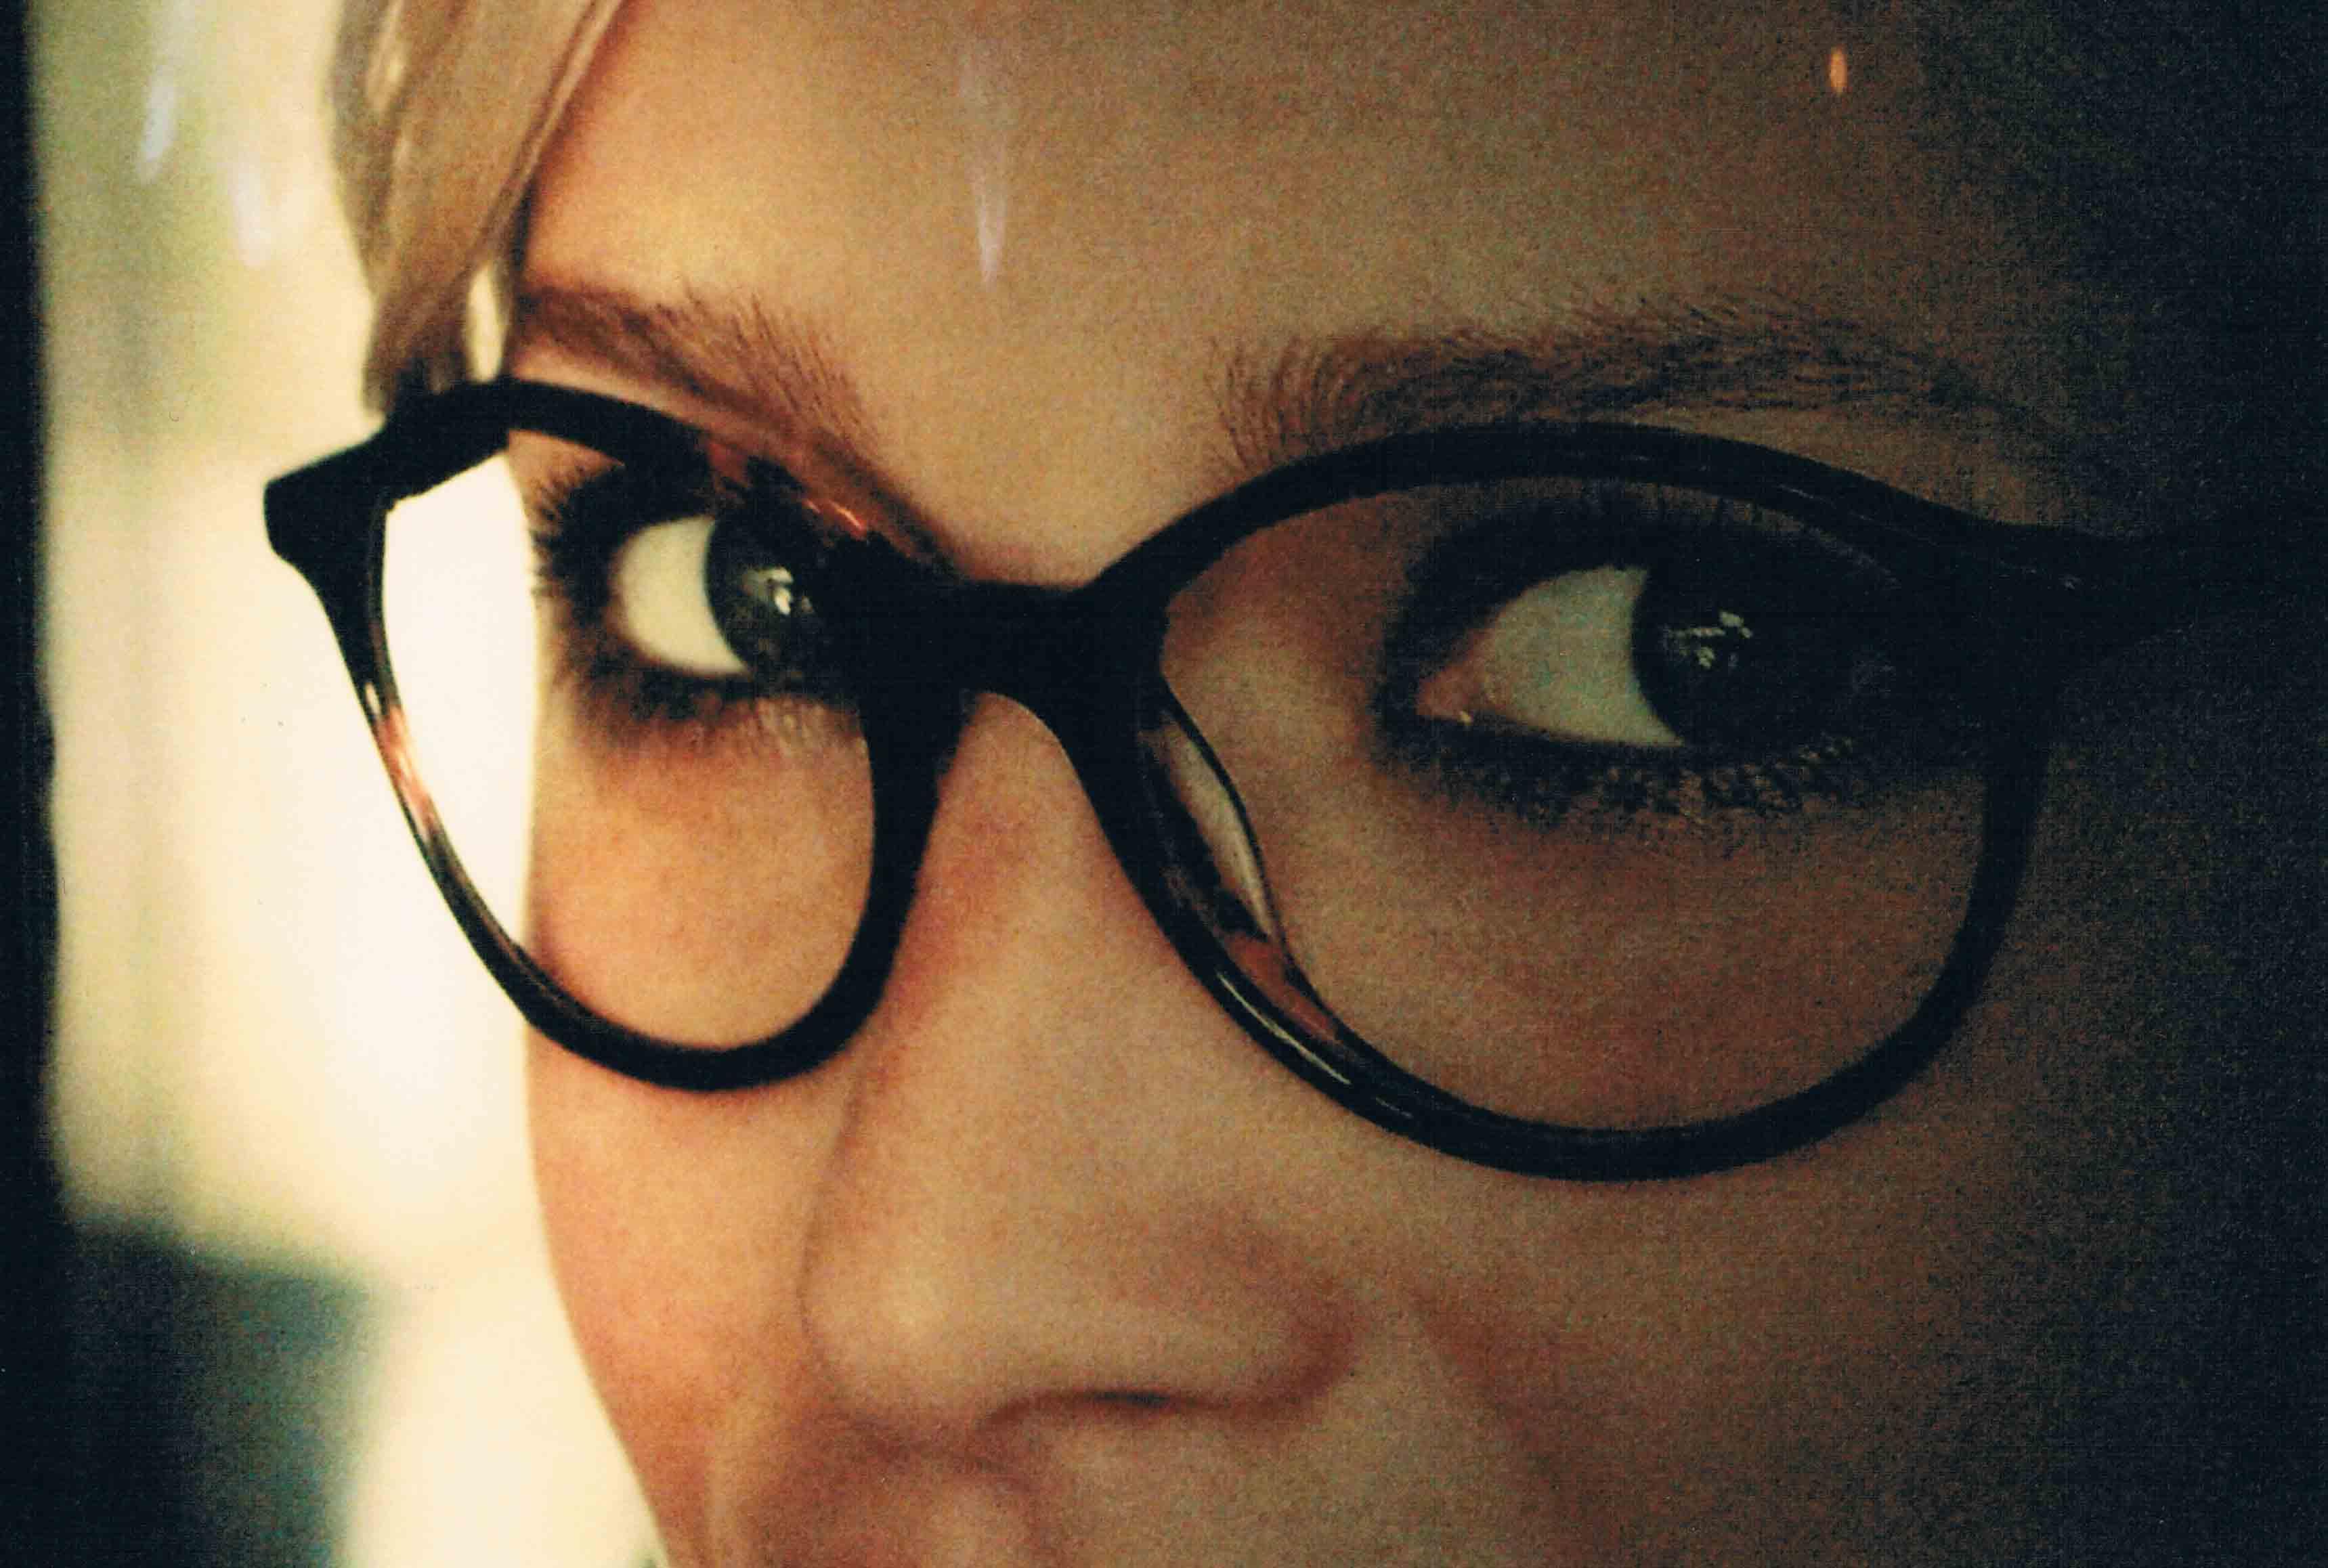 глаза за очками картинки можете выбрать фотографию